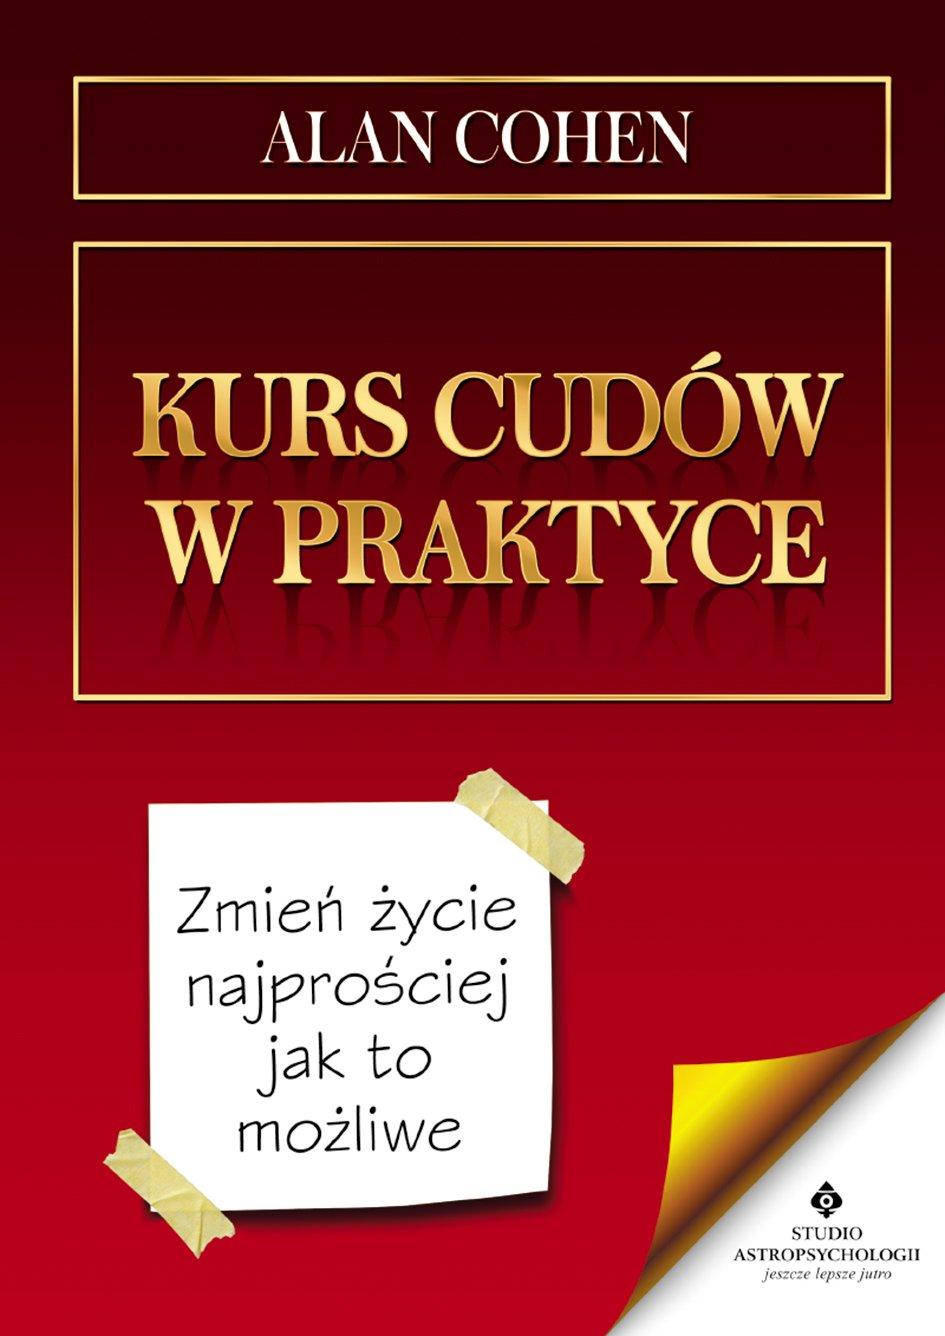 Kurs cudów w praktyce. Zmień życie najprościej jak to możliwe - Ebook (Książka na Kindle) do pobrania w formacie MOBI